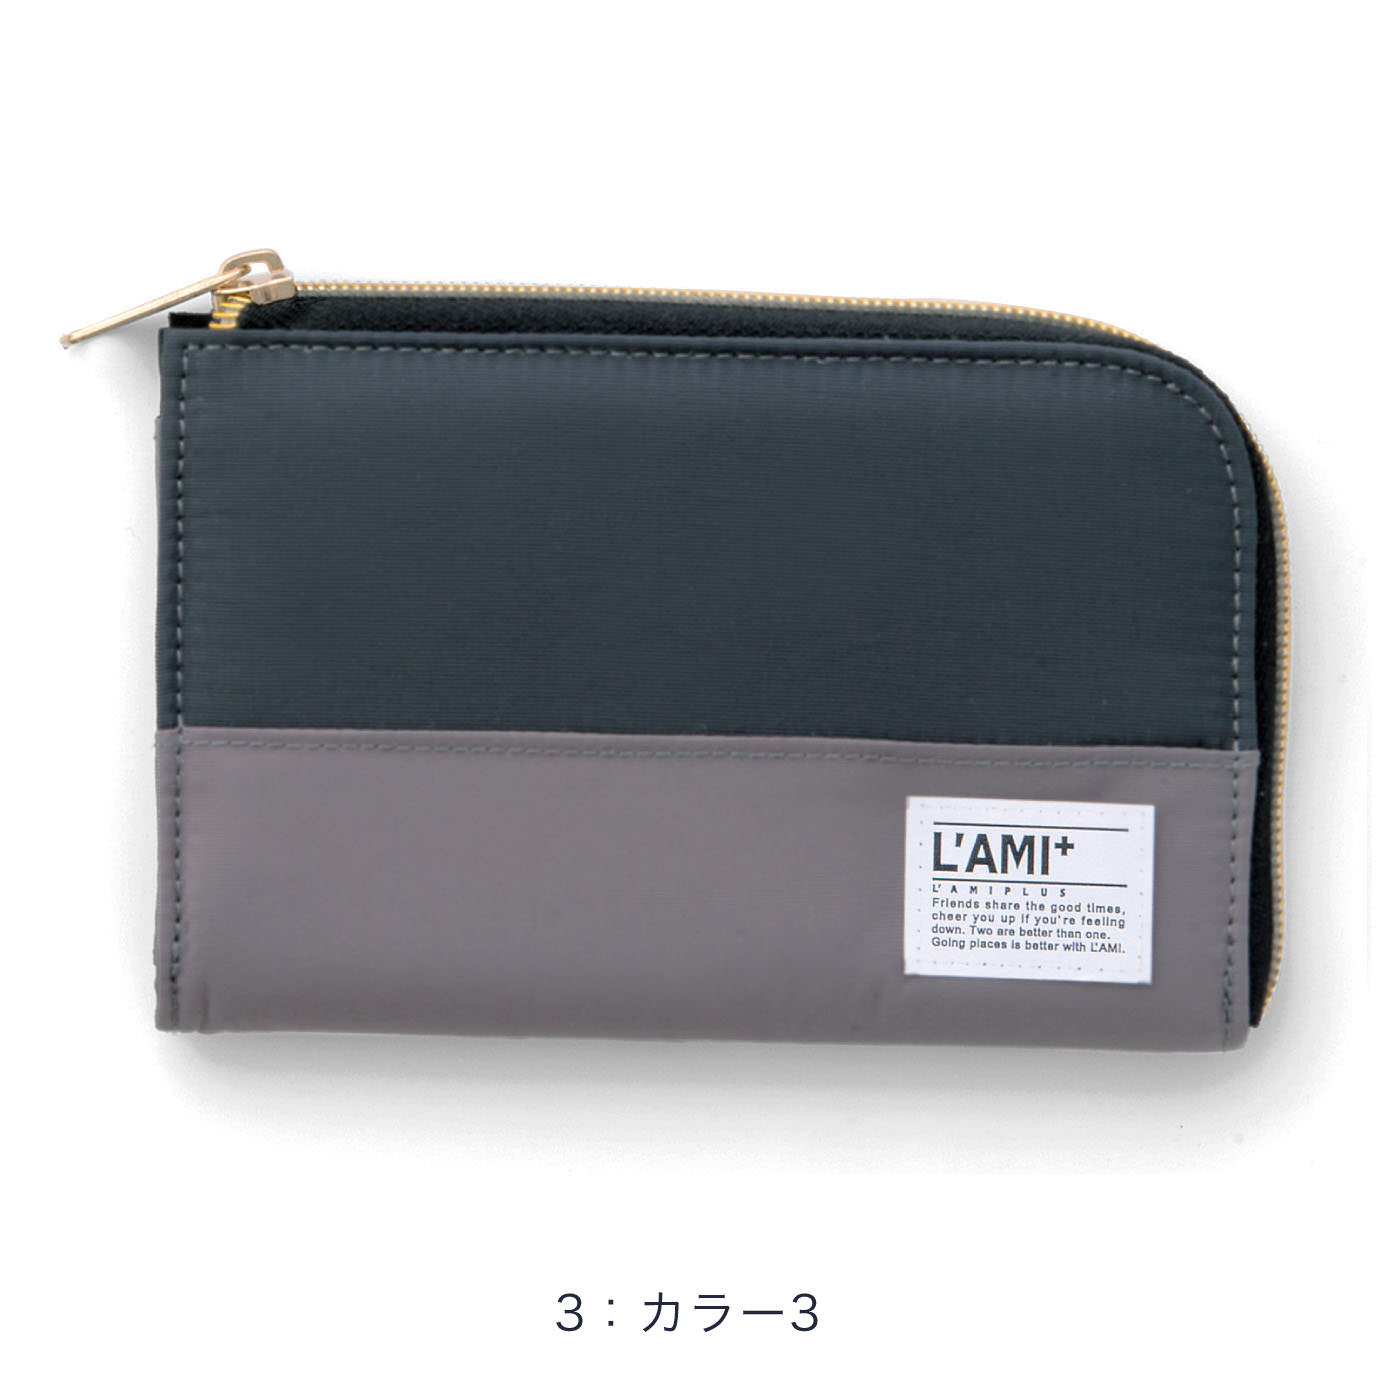 薄手で財布と一緒に持ちやすい。